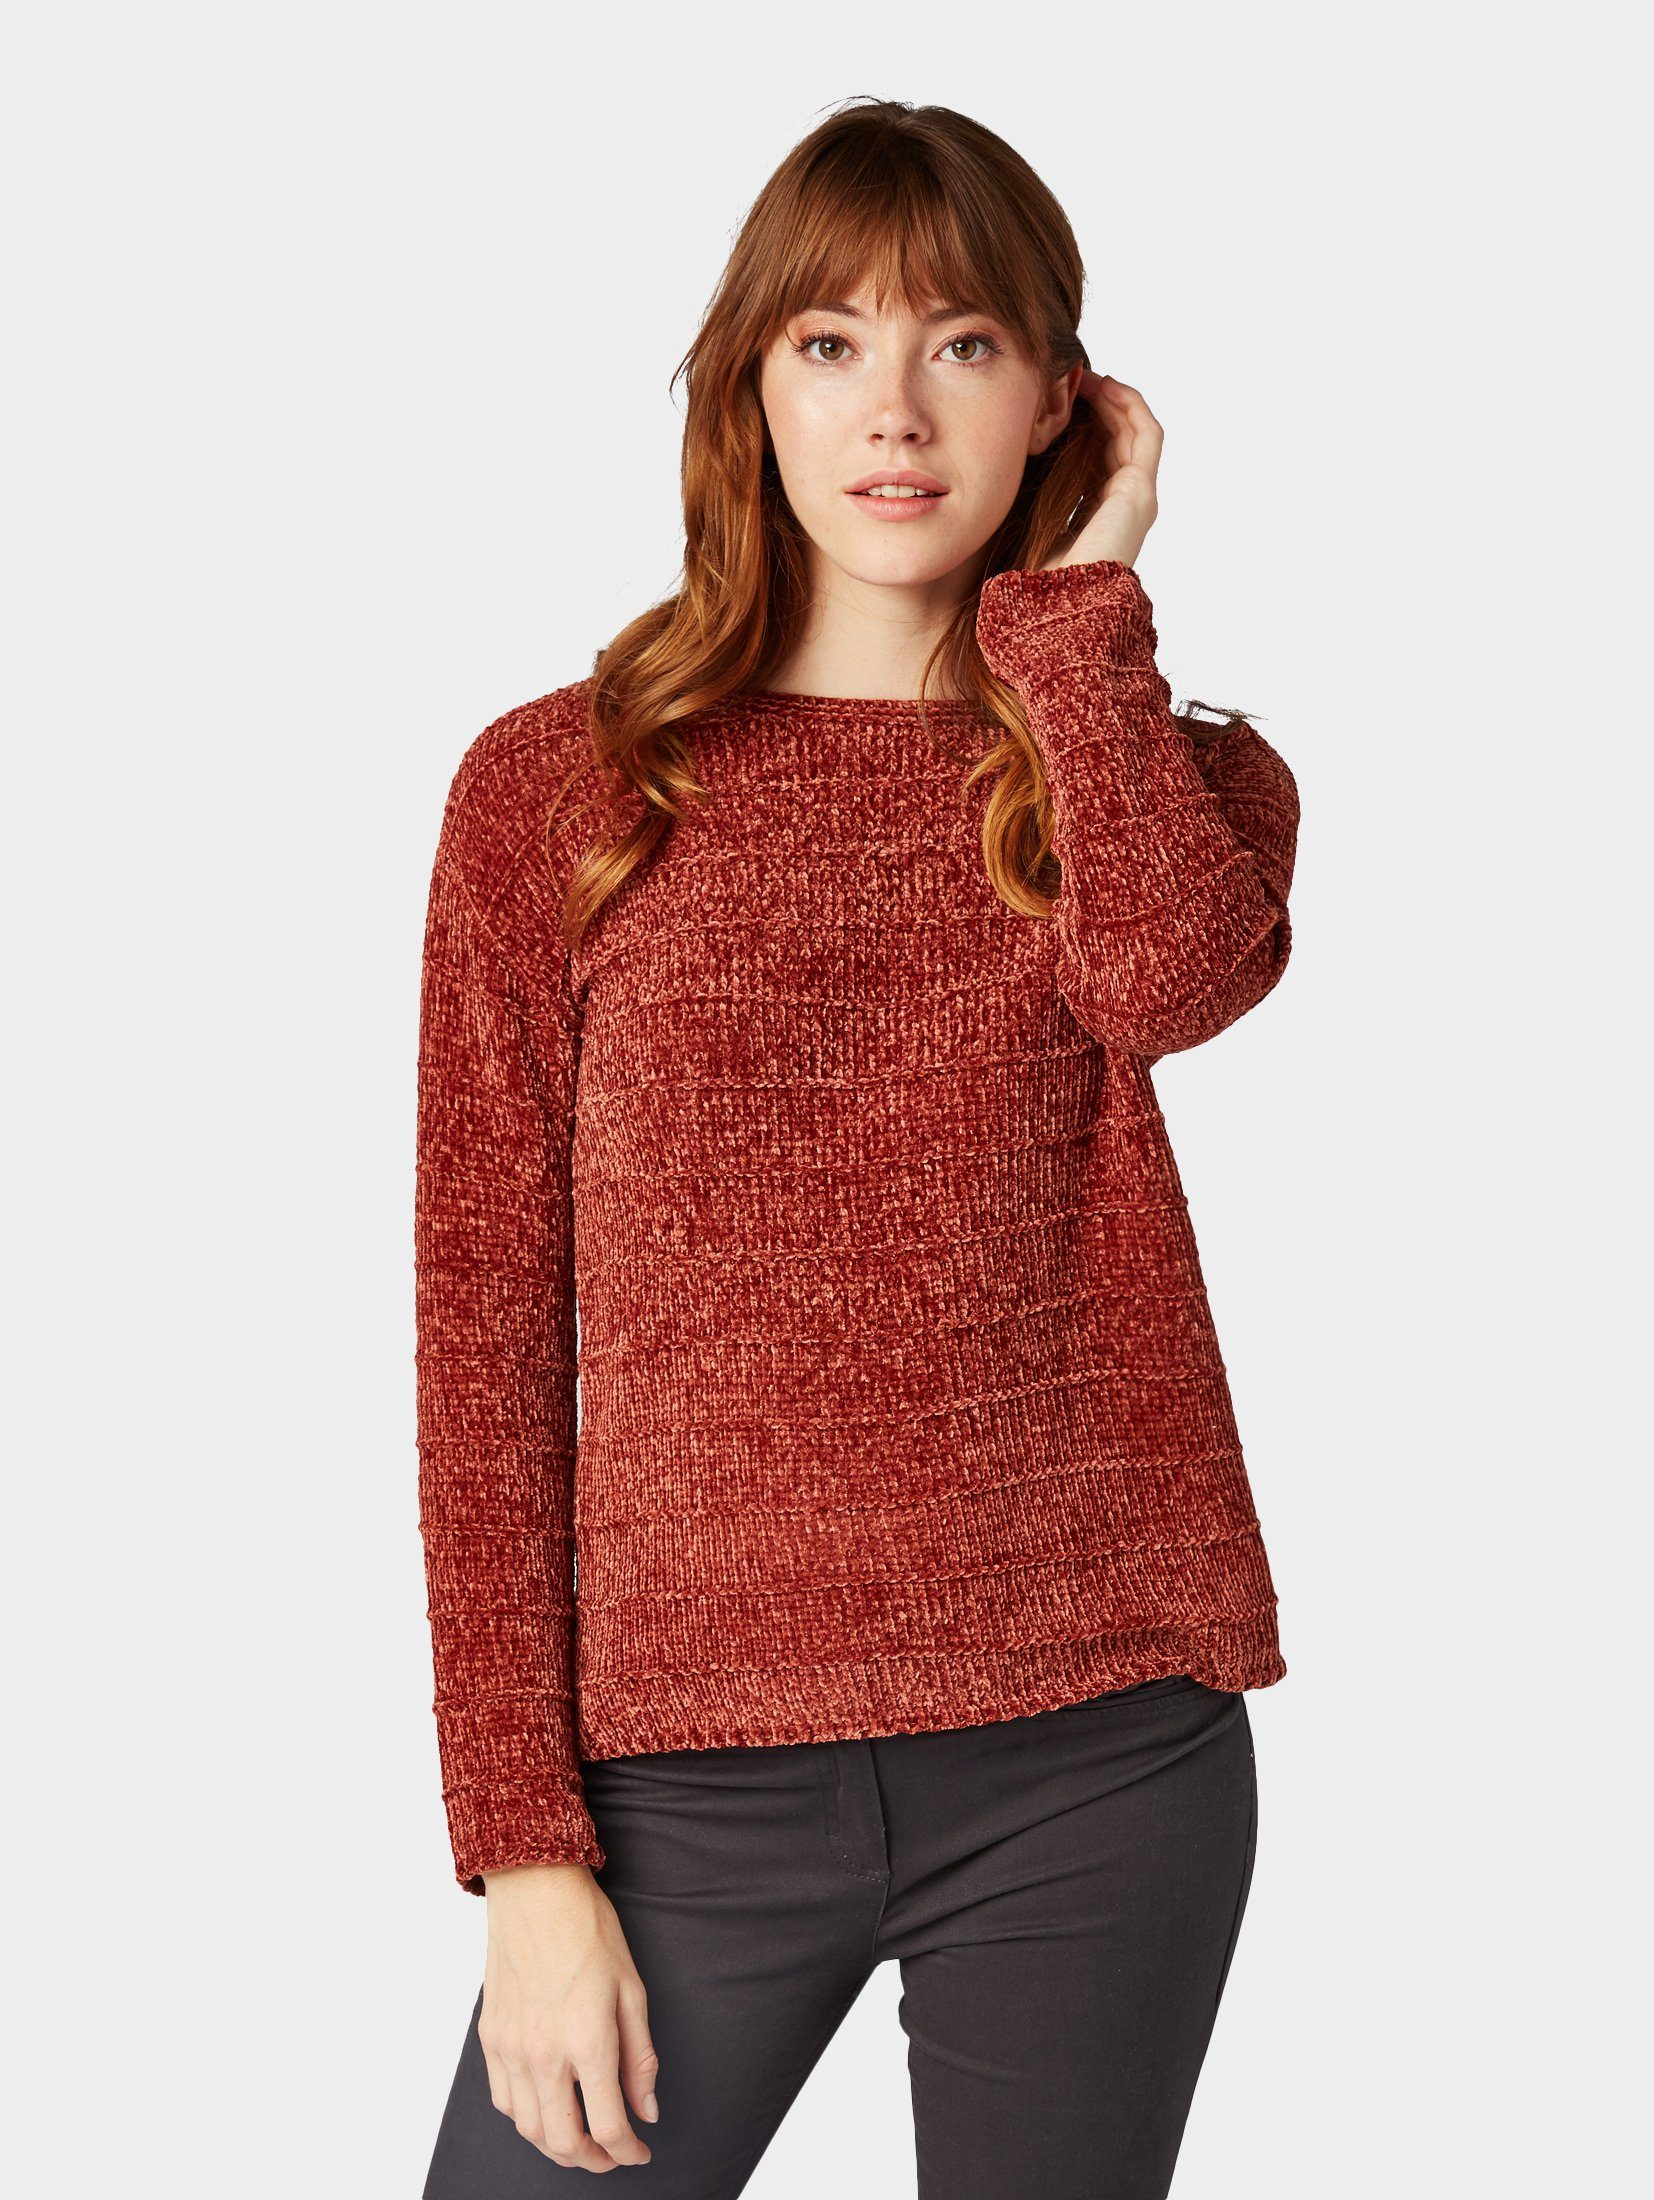 Tom Tailor Strickpullover »Pullover mit Streifen Struktur«, Langärmlig mit weitem Rundhalsausschnitt online kaufen | OTTO